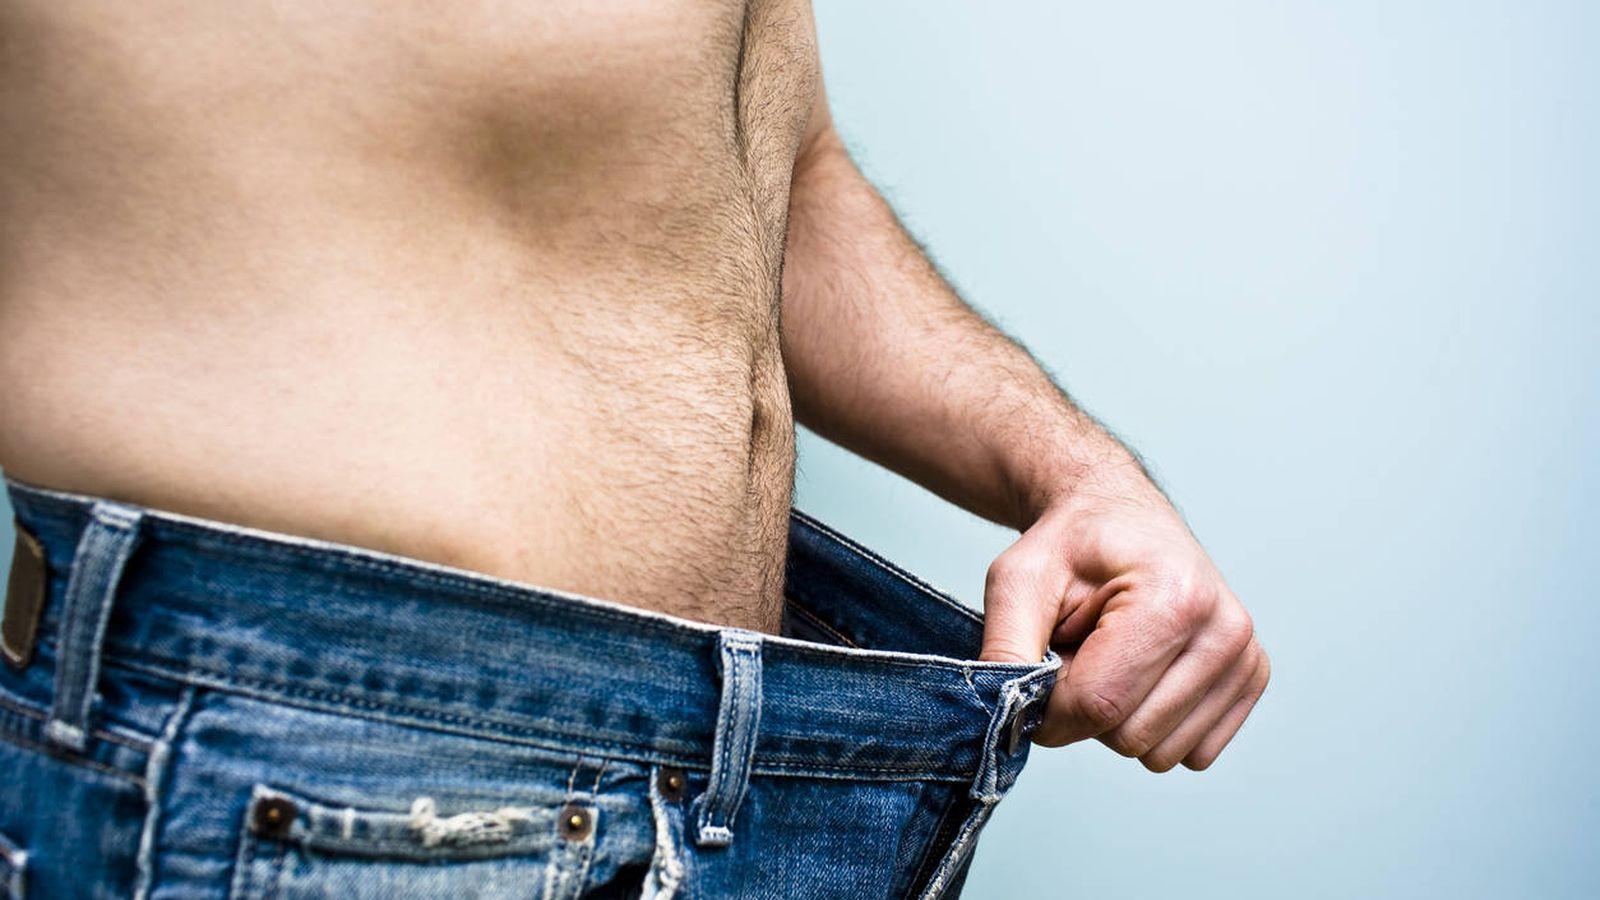 pierde șoldurile de grăsime Pierderea în greutate a peretelui de cărămidă